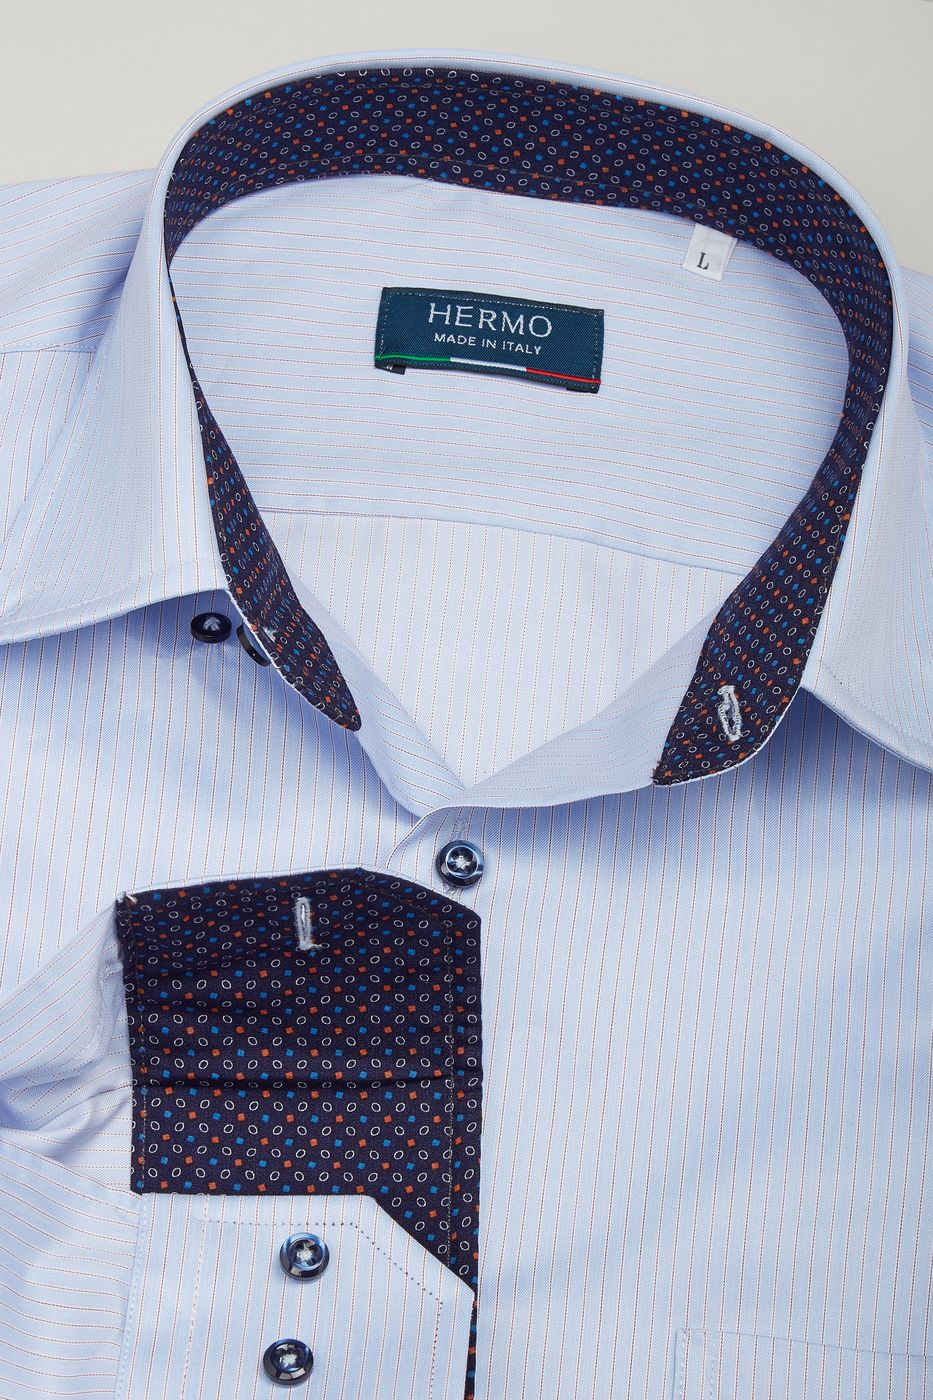 Dettaglio camicia casual con inserti fantasia a contrasto